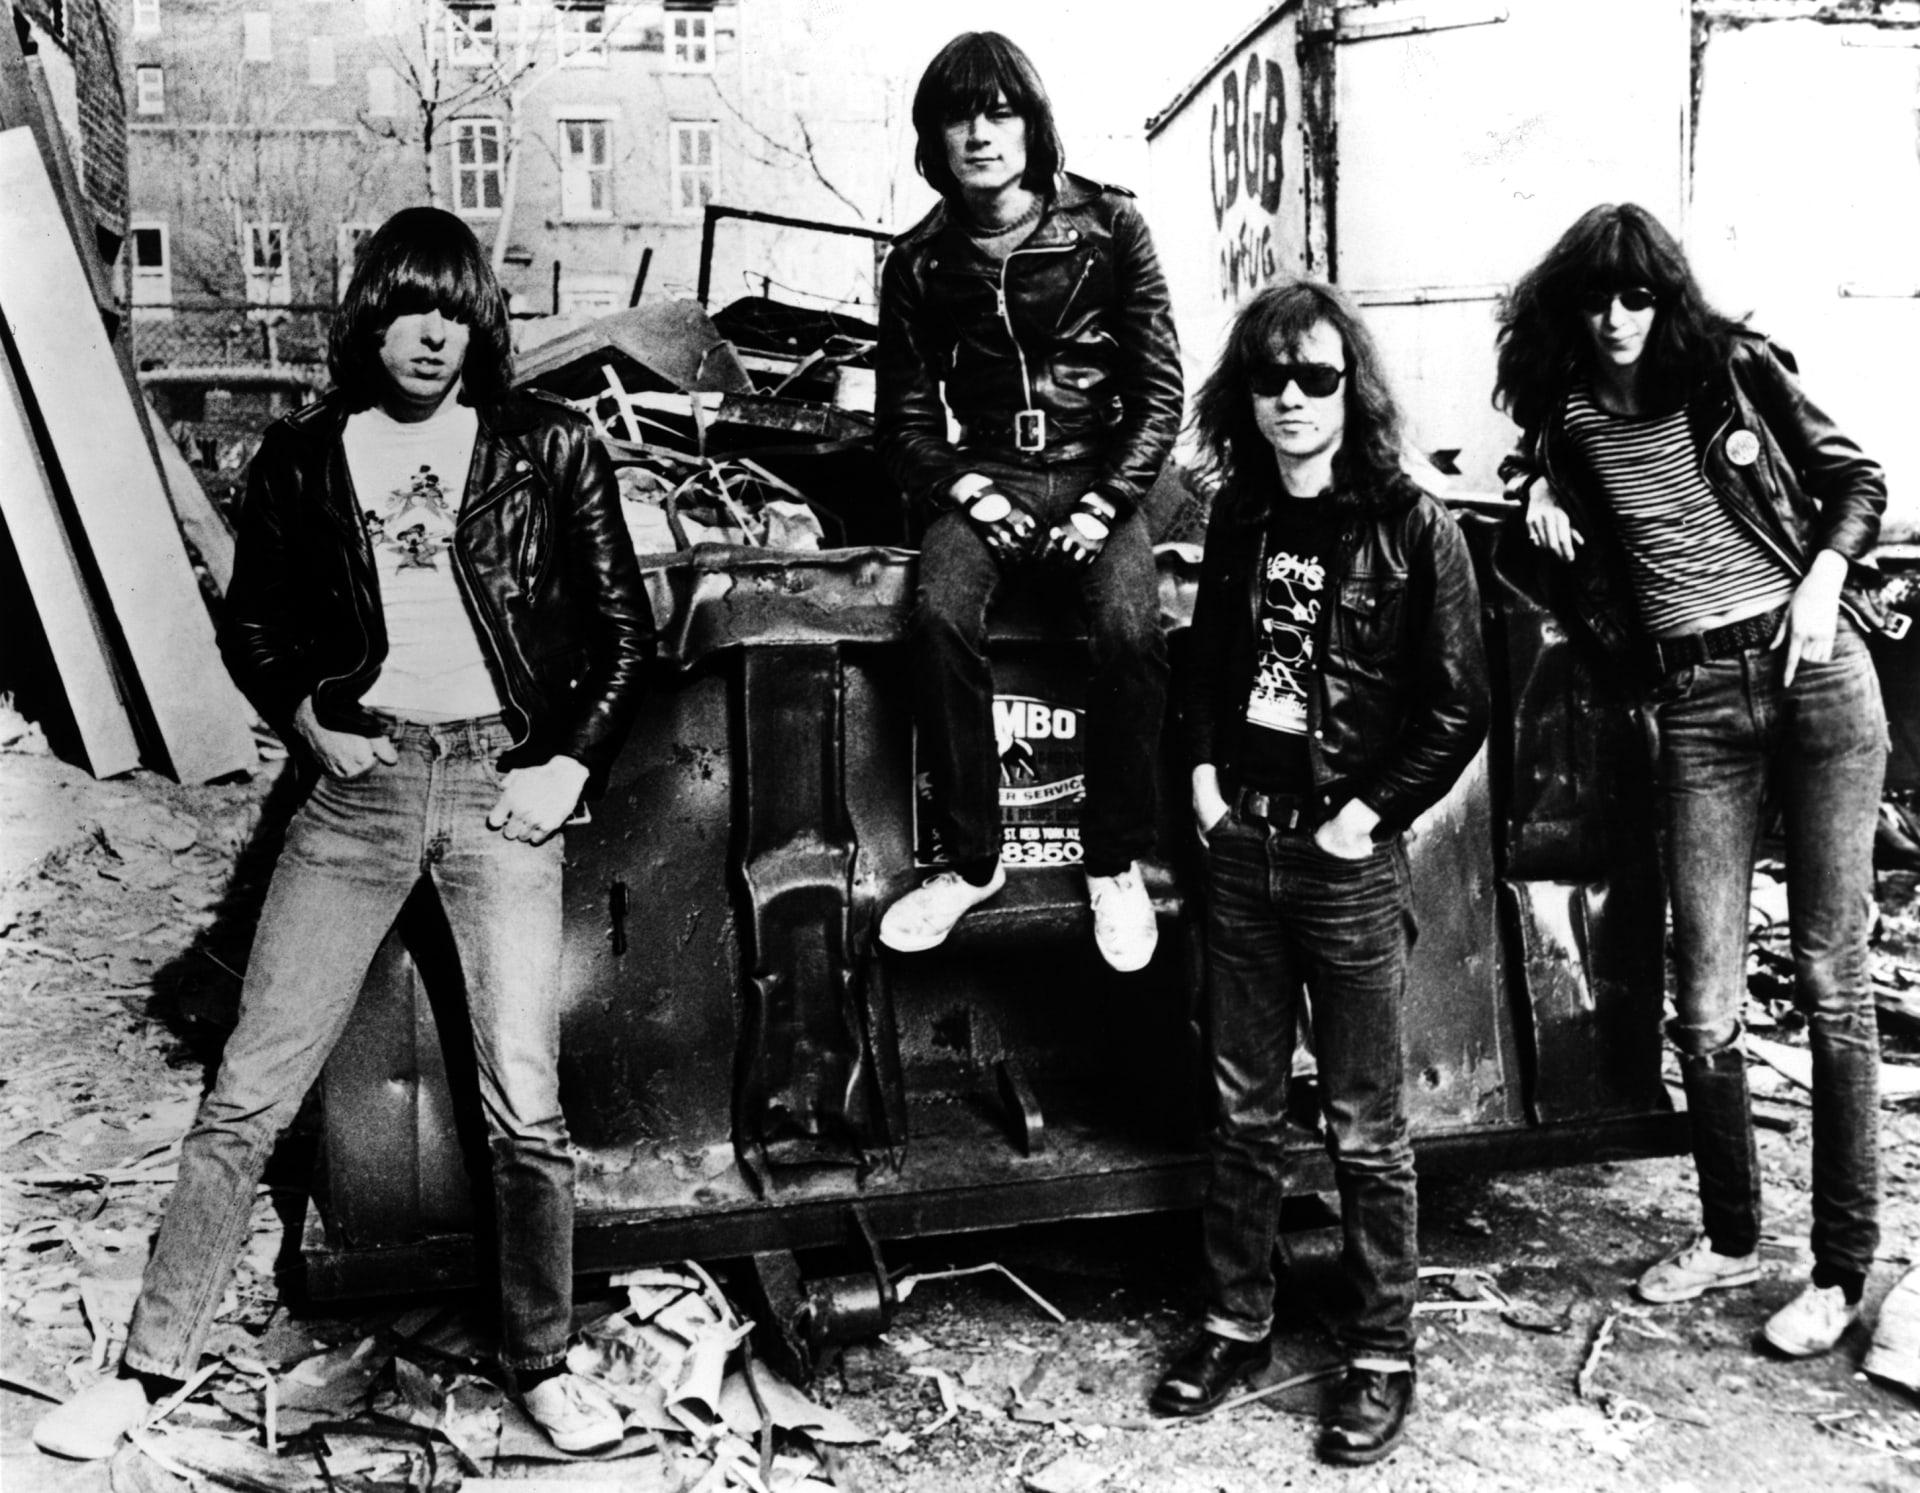 Ramones High